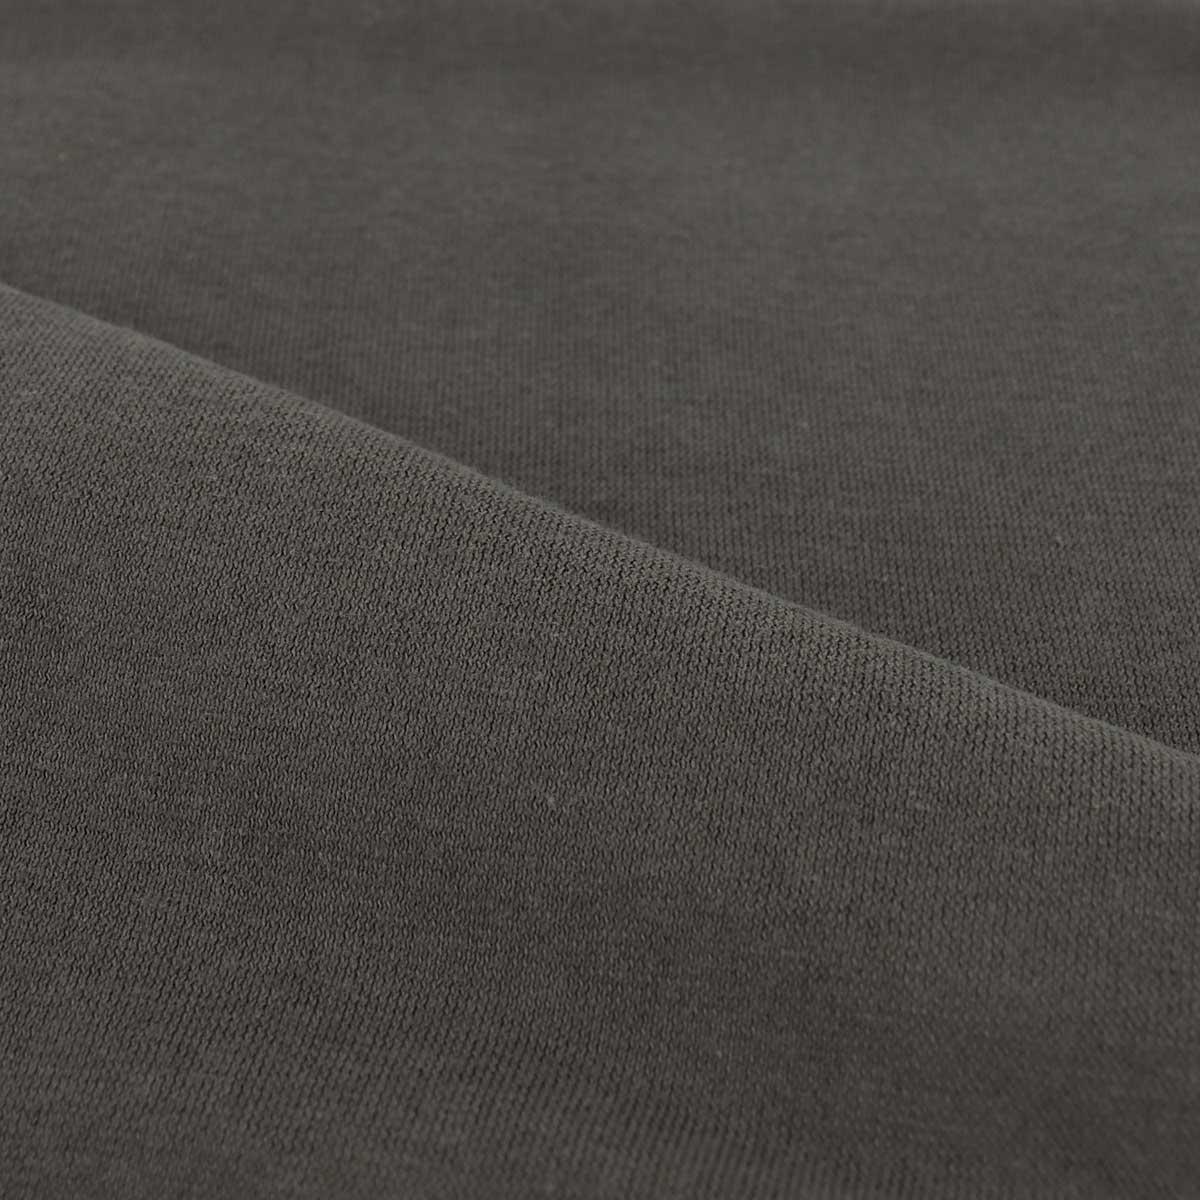 【クリアランスセール】スウィープ!! ロサンゼルス SWEEP!! LosAngeles メンズ コットン 半袖 クルーネックTシャツ CREW SWFJCRW-11 SMOKE(ダークグレー)【返品交換不可】